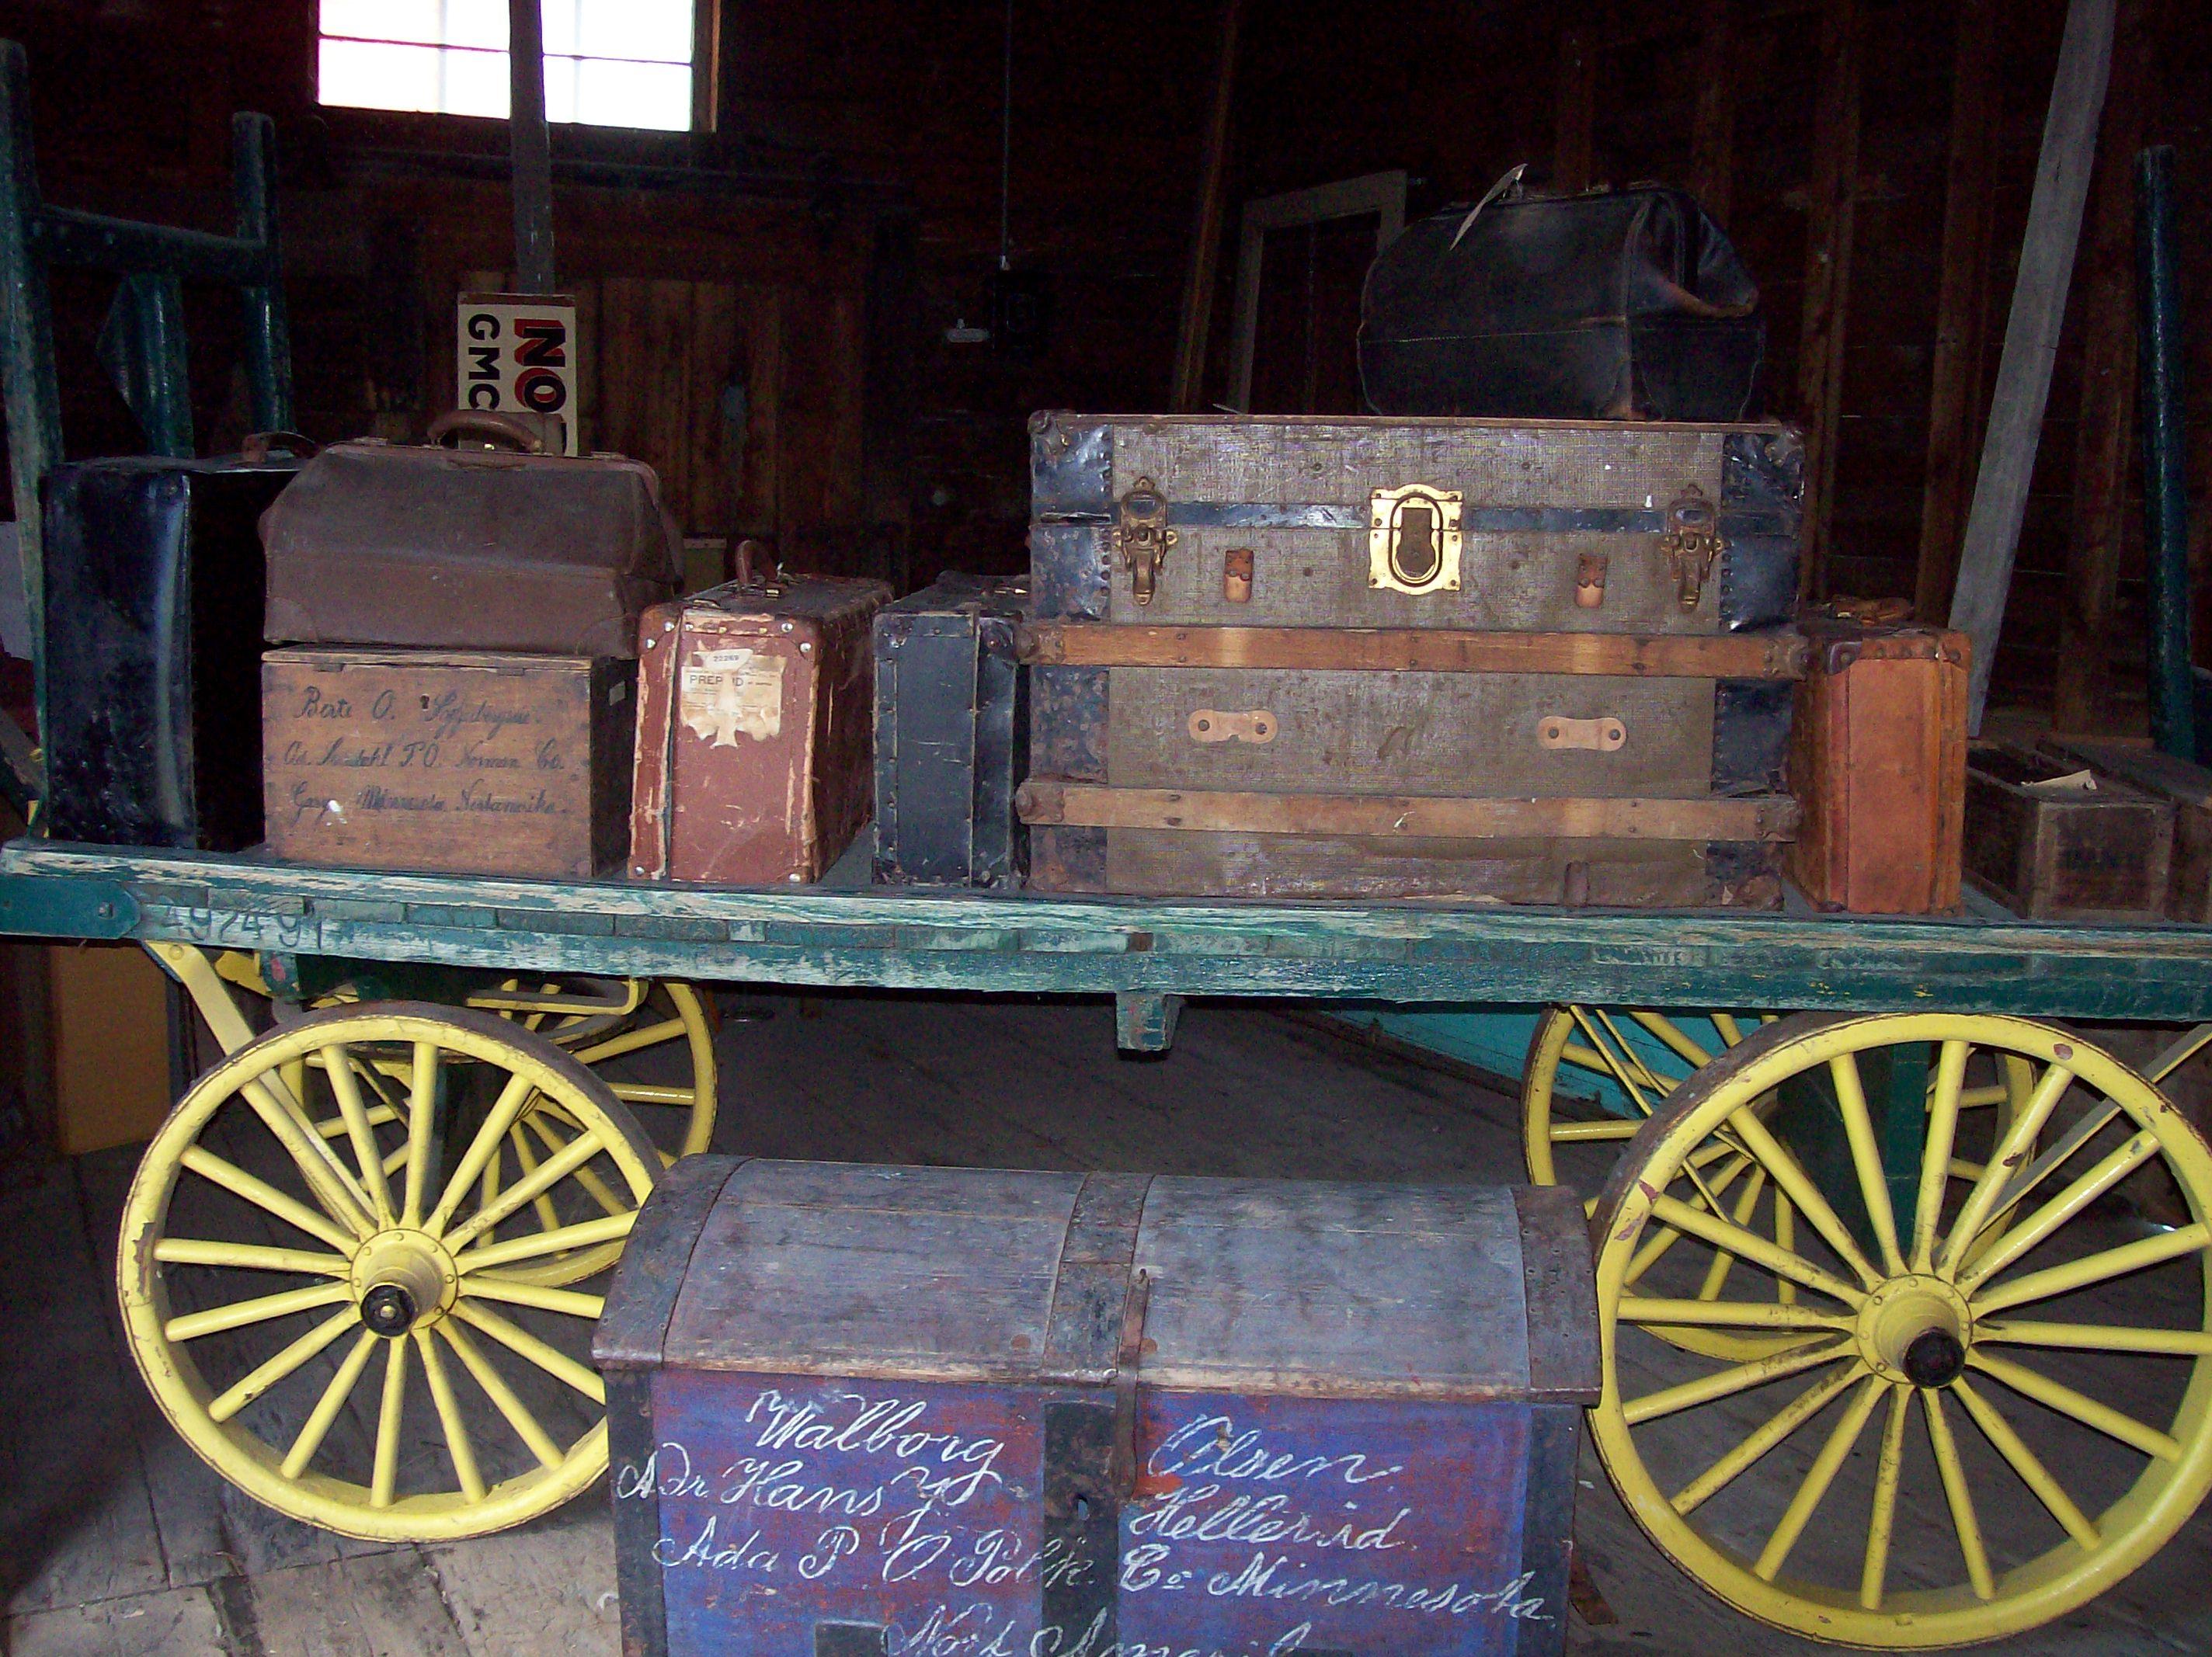 Depot Wagon